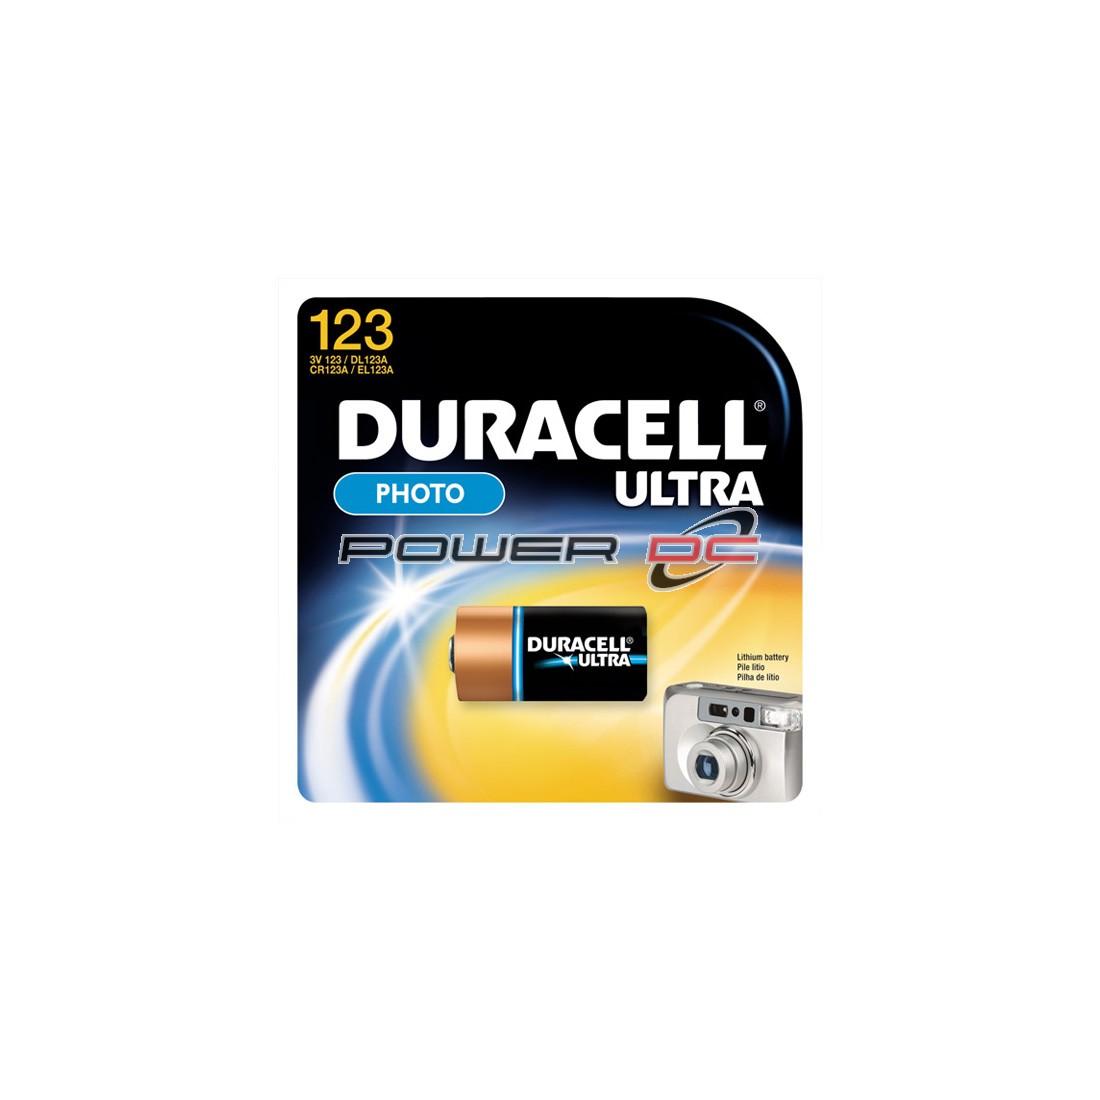 DURACELL XL 123A  3V LITHIUM